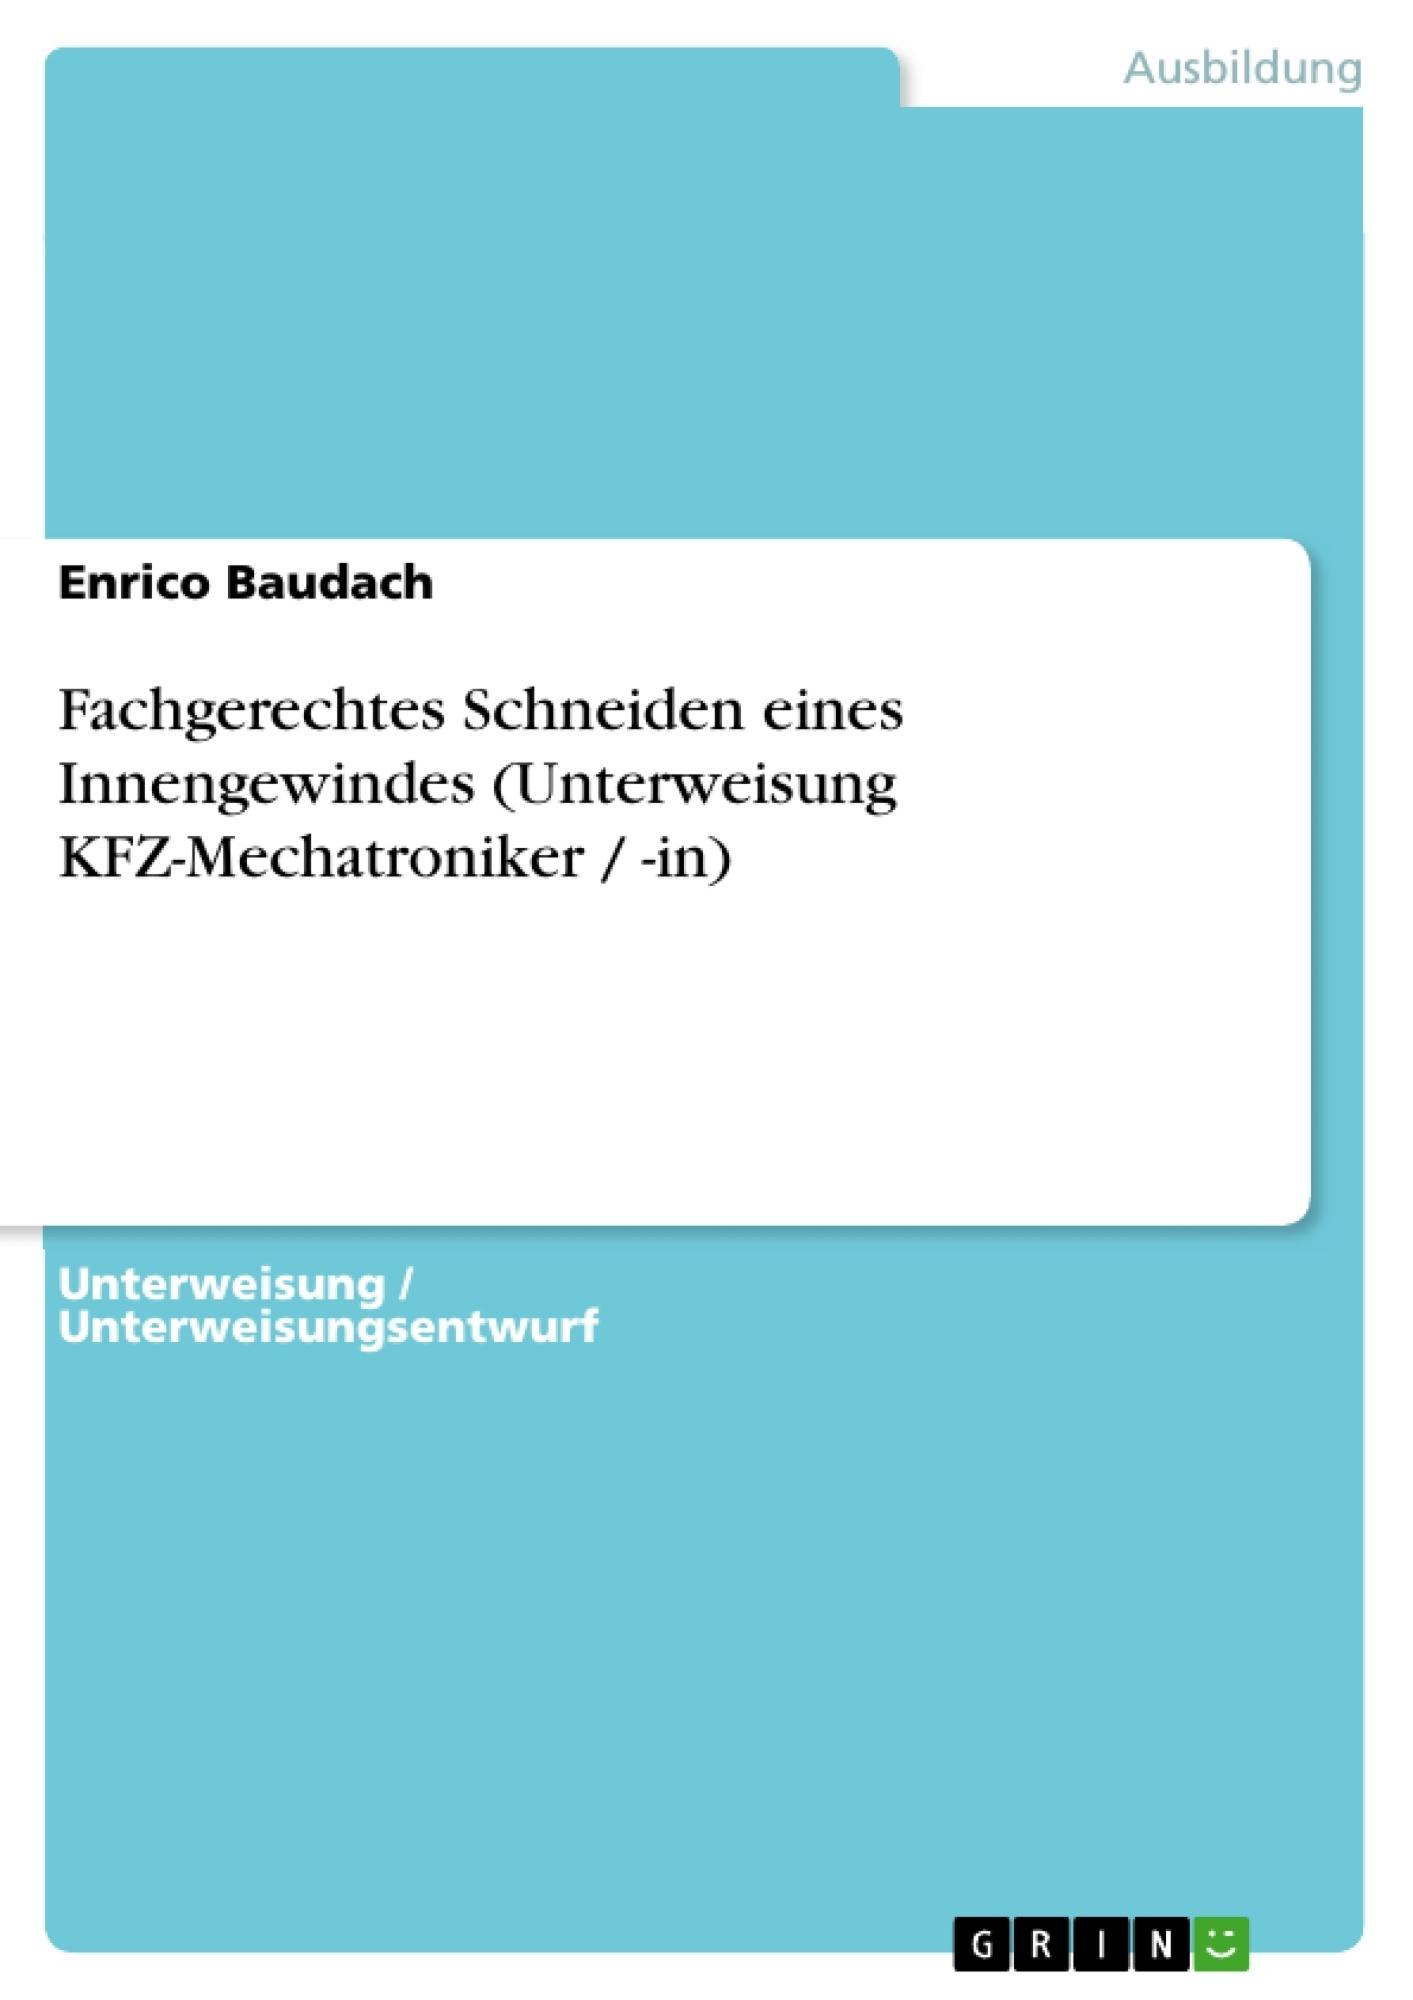 Titel: Fachgerechtes Schneiden eines Innengewindes (Unterweisung KFZ-Mechatroniker / -in)